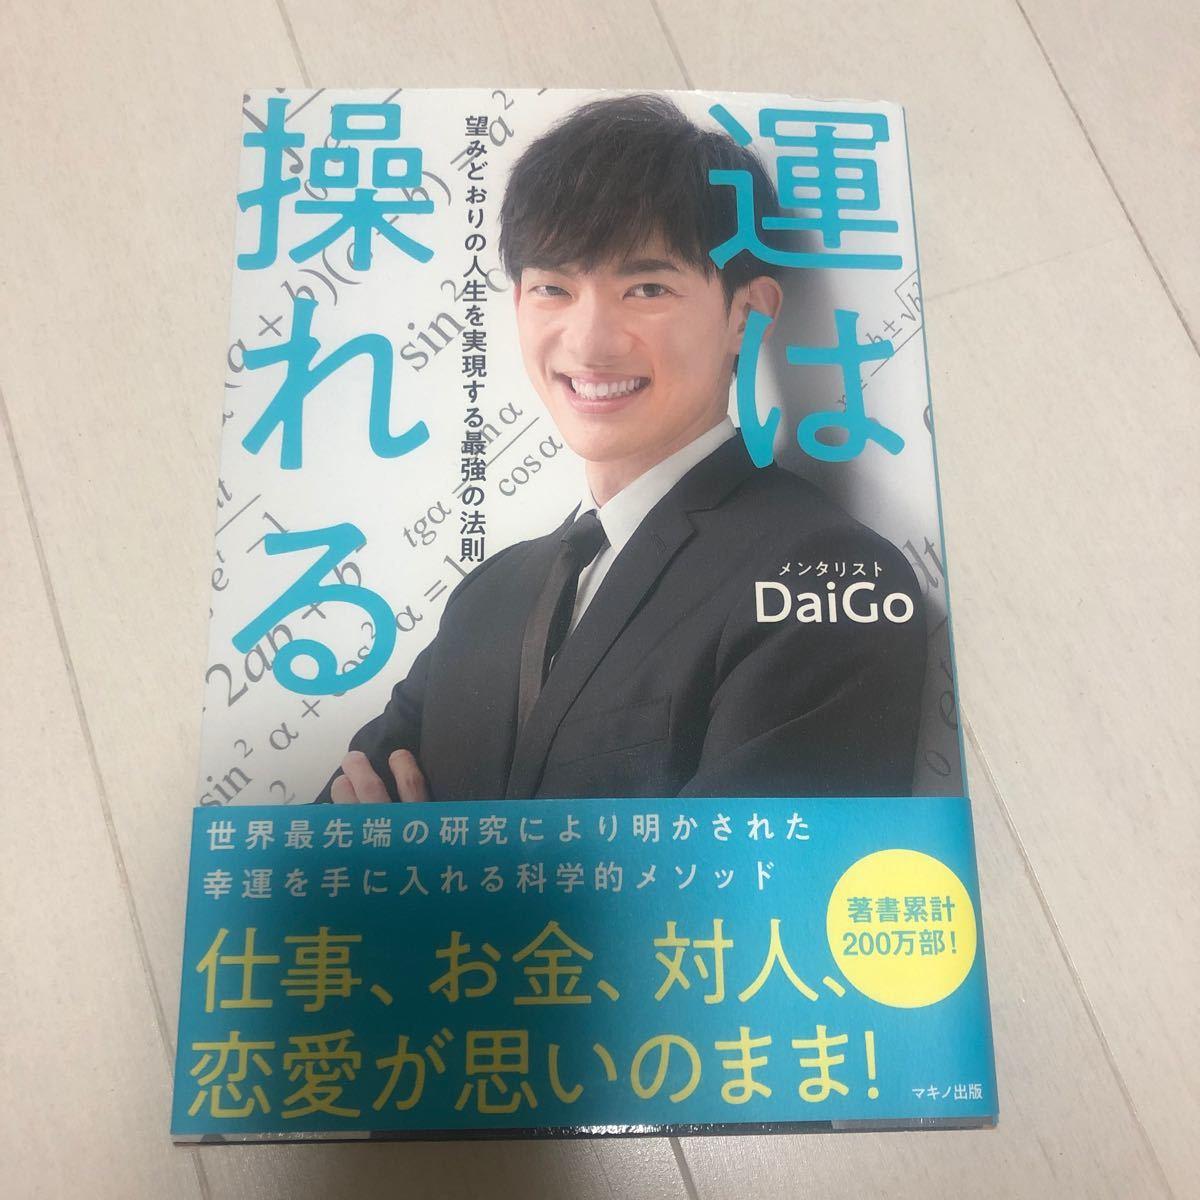 運は操れる 望みどおりの人生を実現する最強の法則/DaiGo